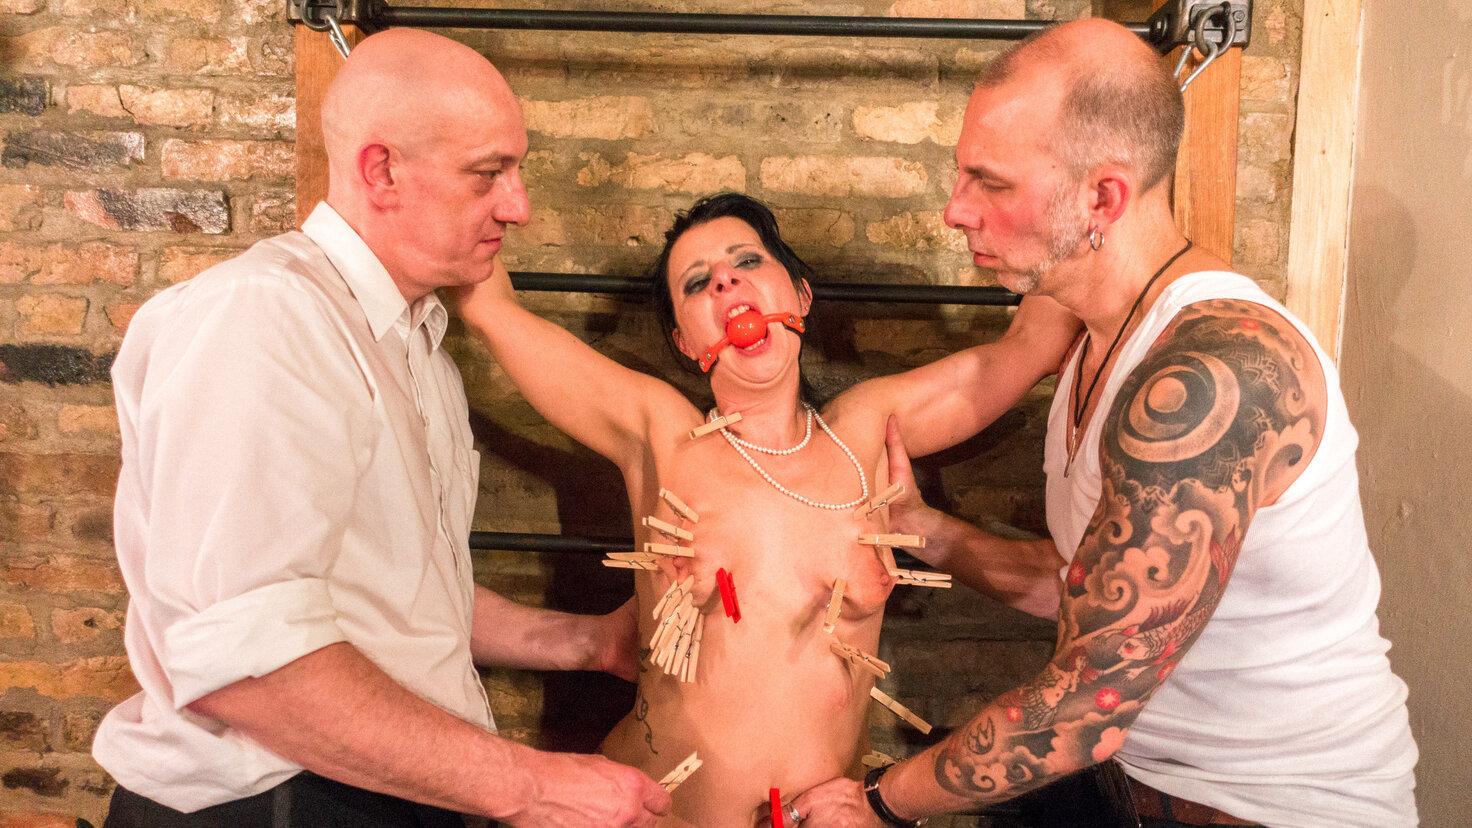 SM BUDDIES - Submissive MILF